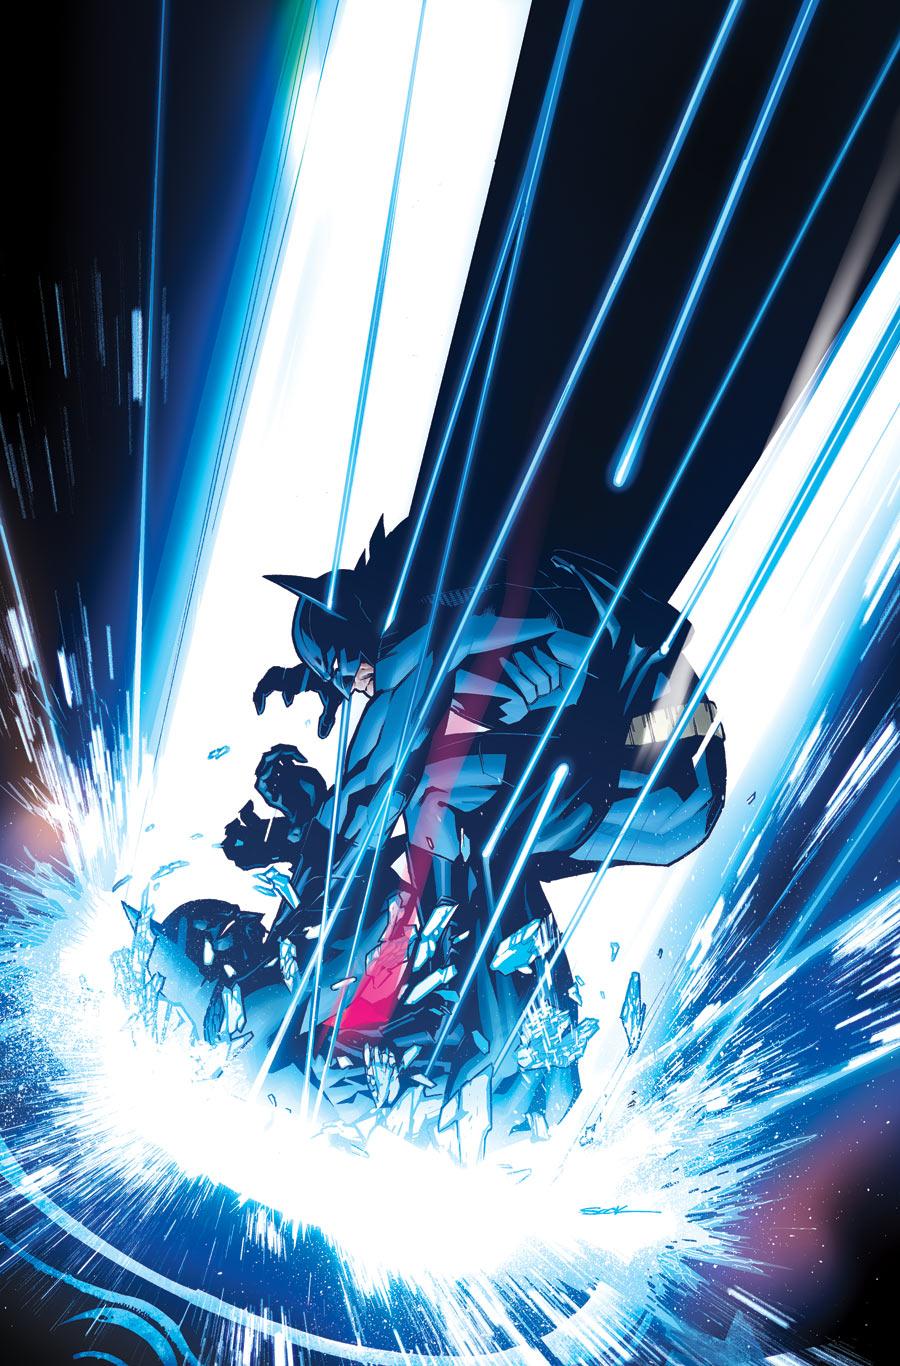 batman-vs-batman-beyond-in-comic-art-by-ryan-sook